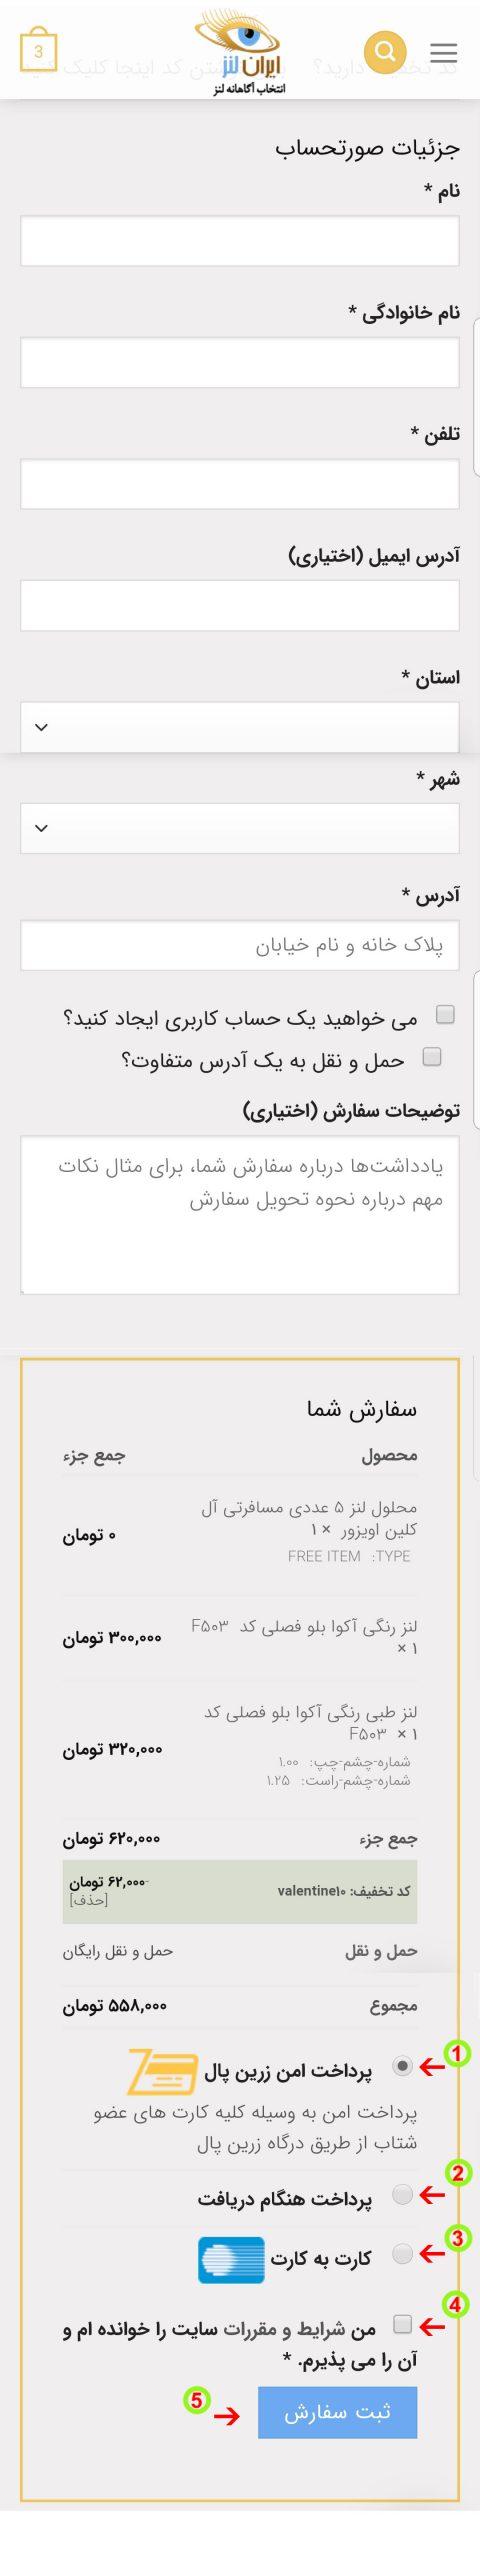 آموزش پرداخت مبلغ با موبایل در سایت ایران لنز